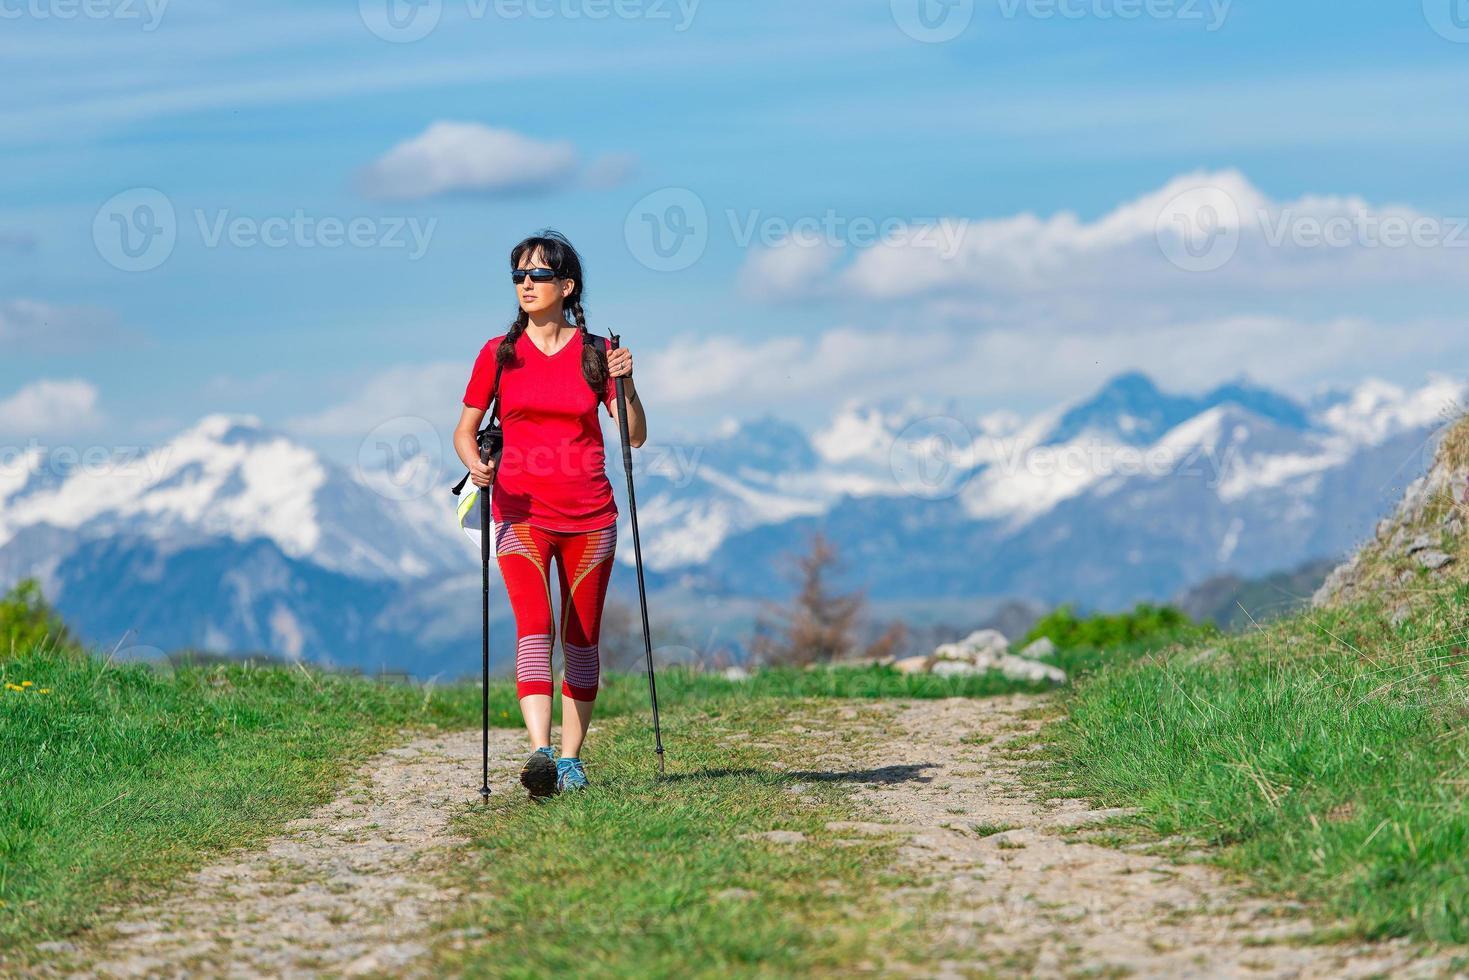 touriste marchant dans la route de montagne photo